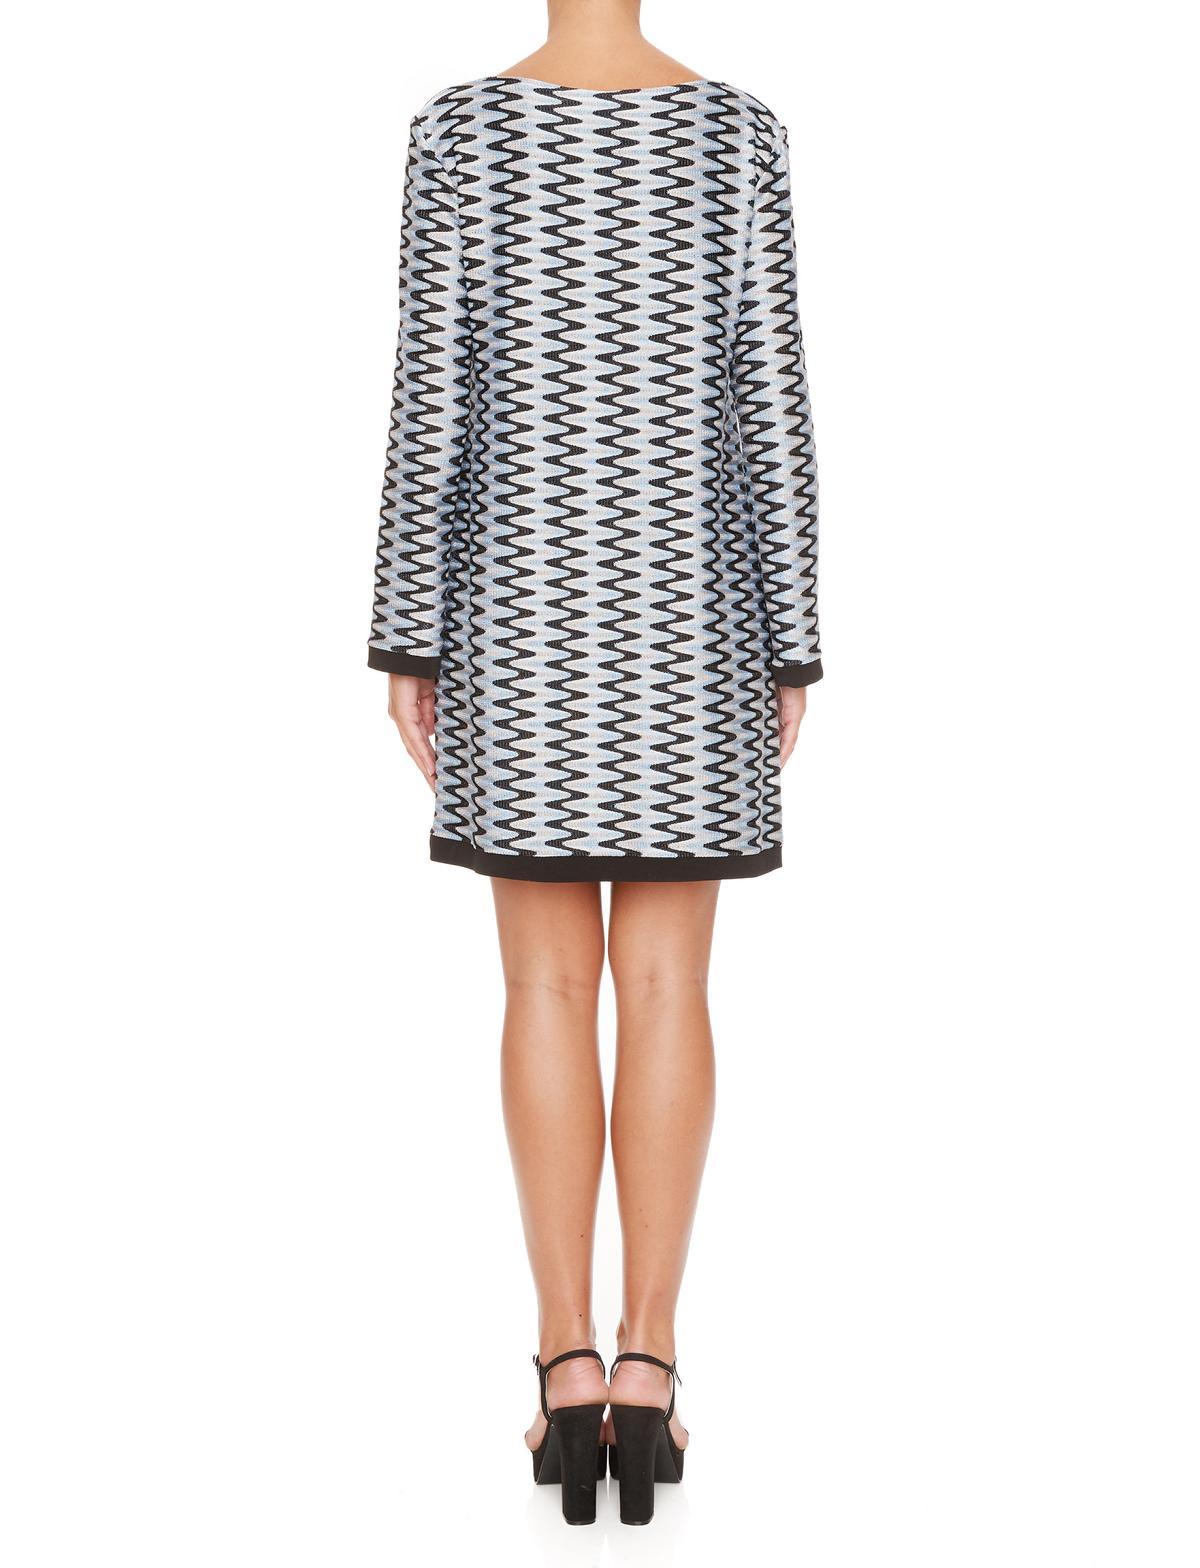 Rückansicht von Ana Alcazar Tunika Kleid Mailysa  angezogen an Model